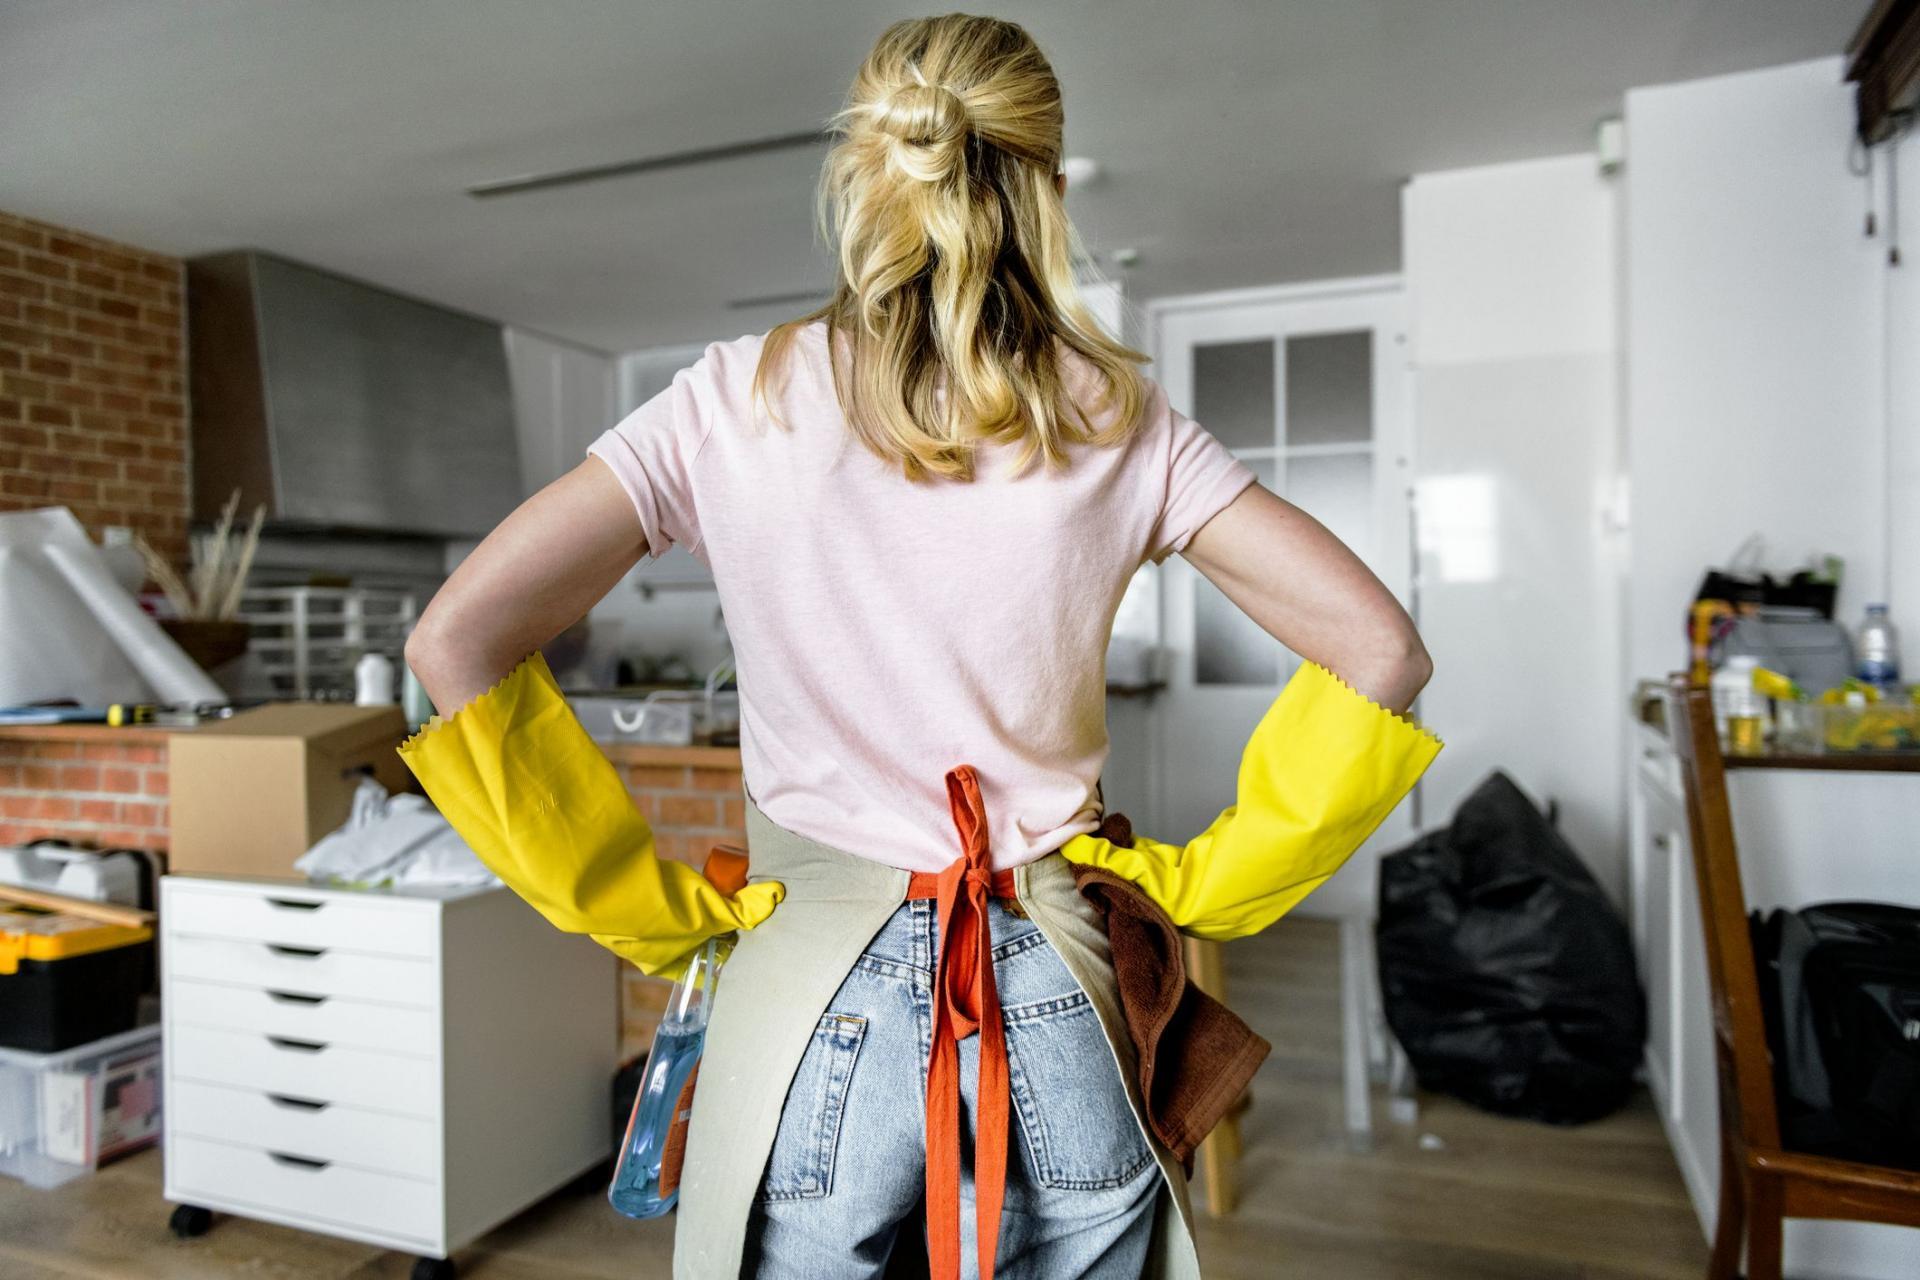 خطوات تنظيف وتنظيم المنزل | حلوة